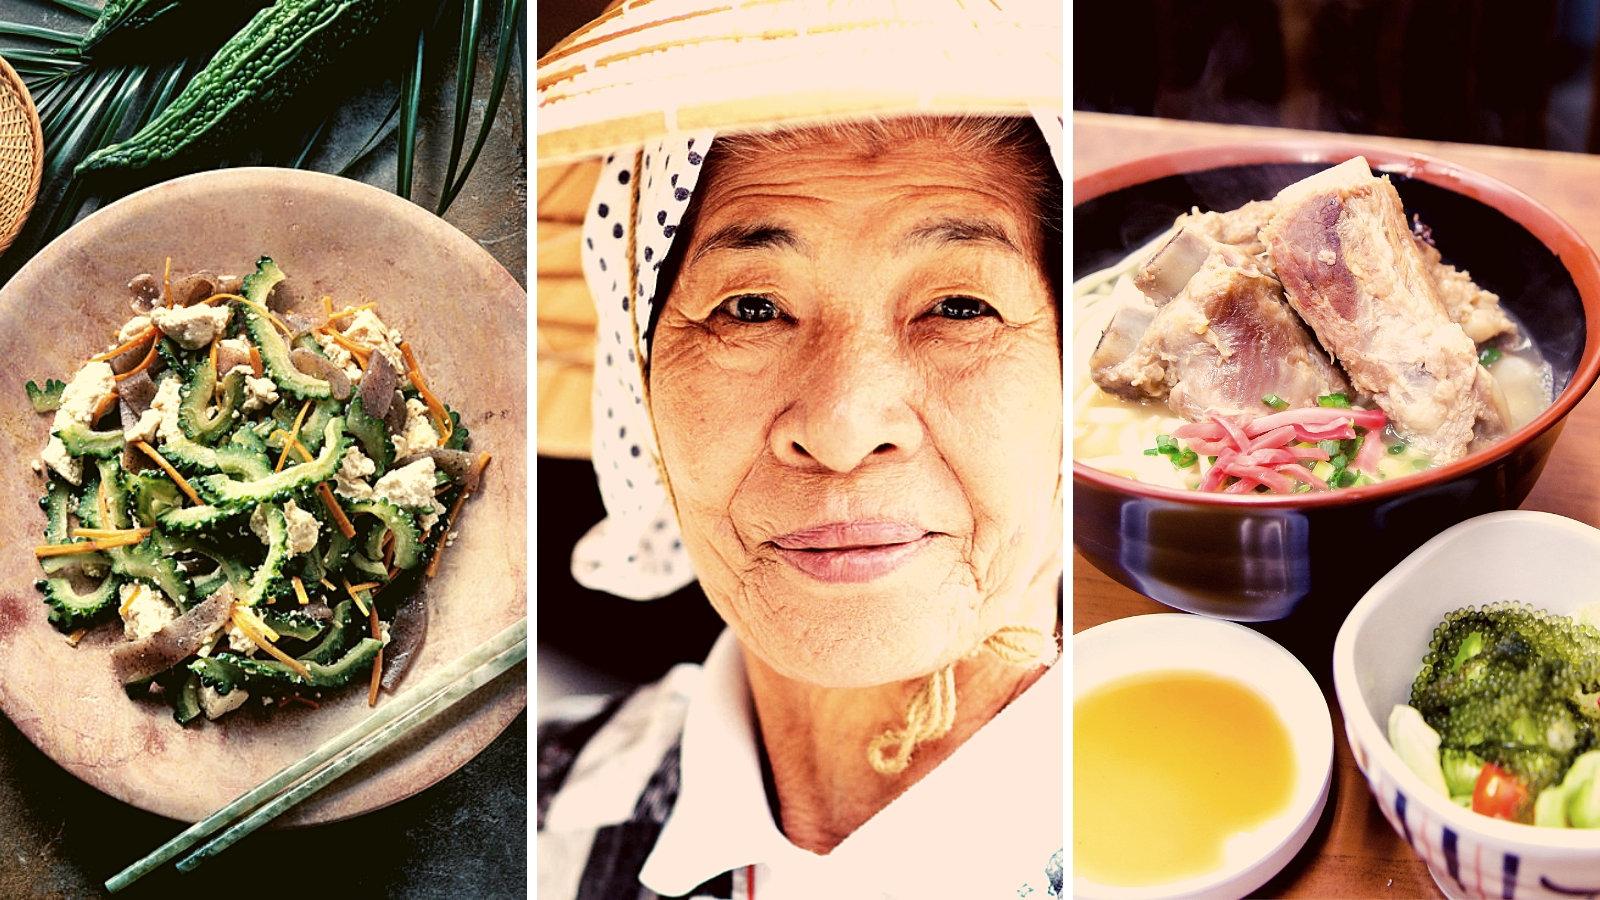 Nirgendwo leben Menschen so lange wie auf den Okinawa-Inseln – das ist ihr